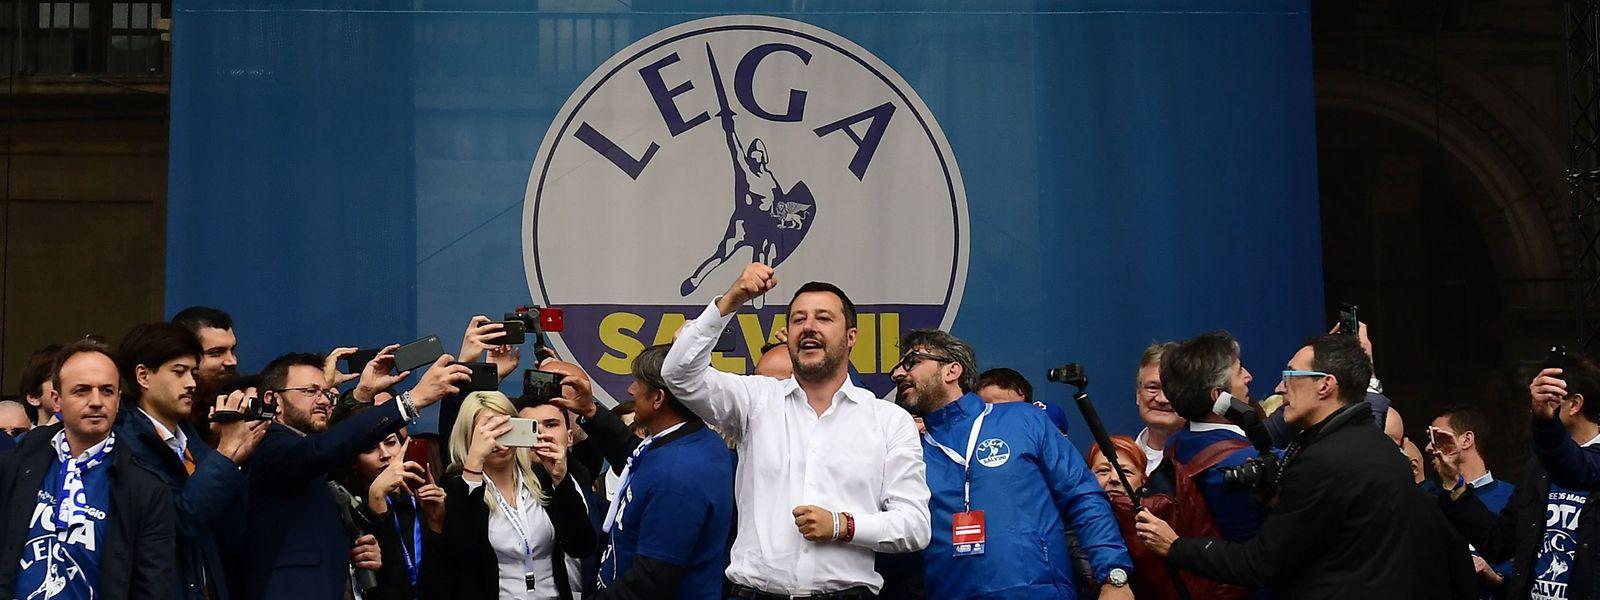 Avec 36 à 38% des intentions de vote, Matteo Salvini entend faire tomber le gouvernement et provoquer de nouvelles élections à l'automne.